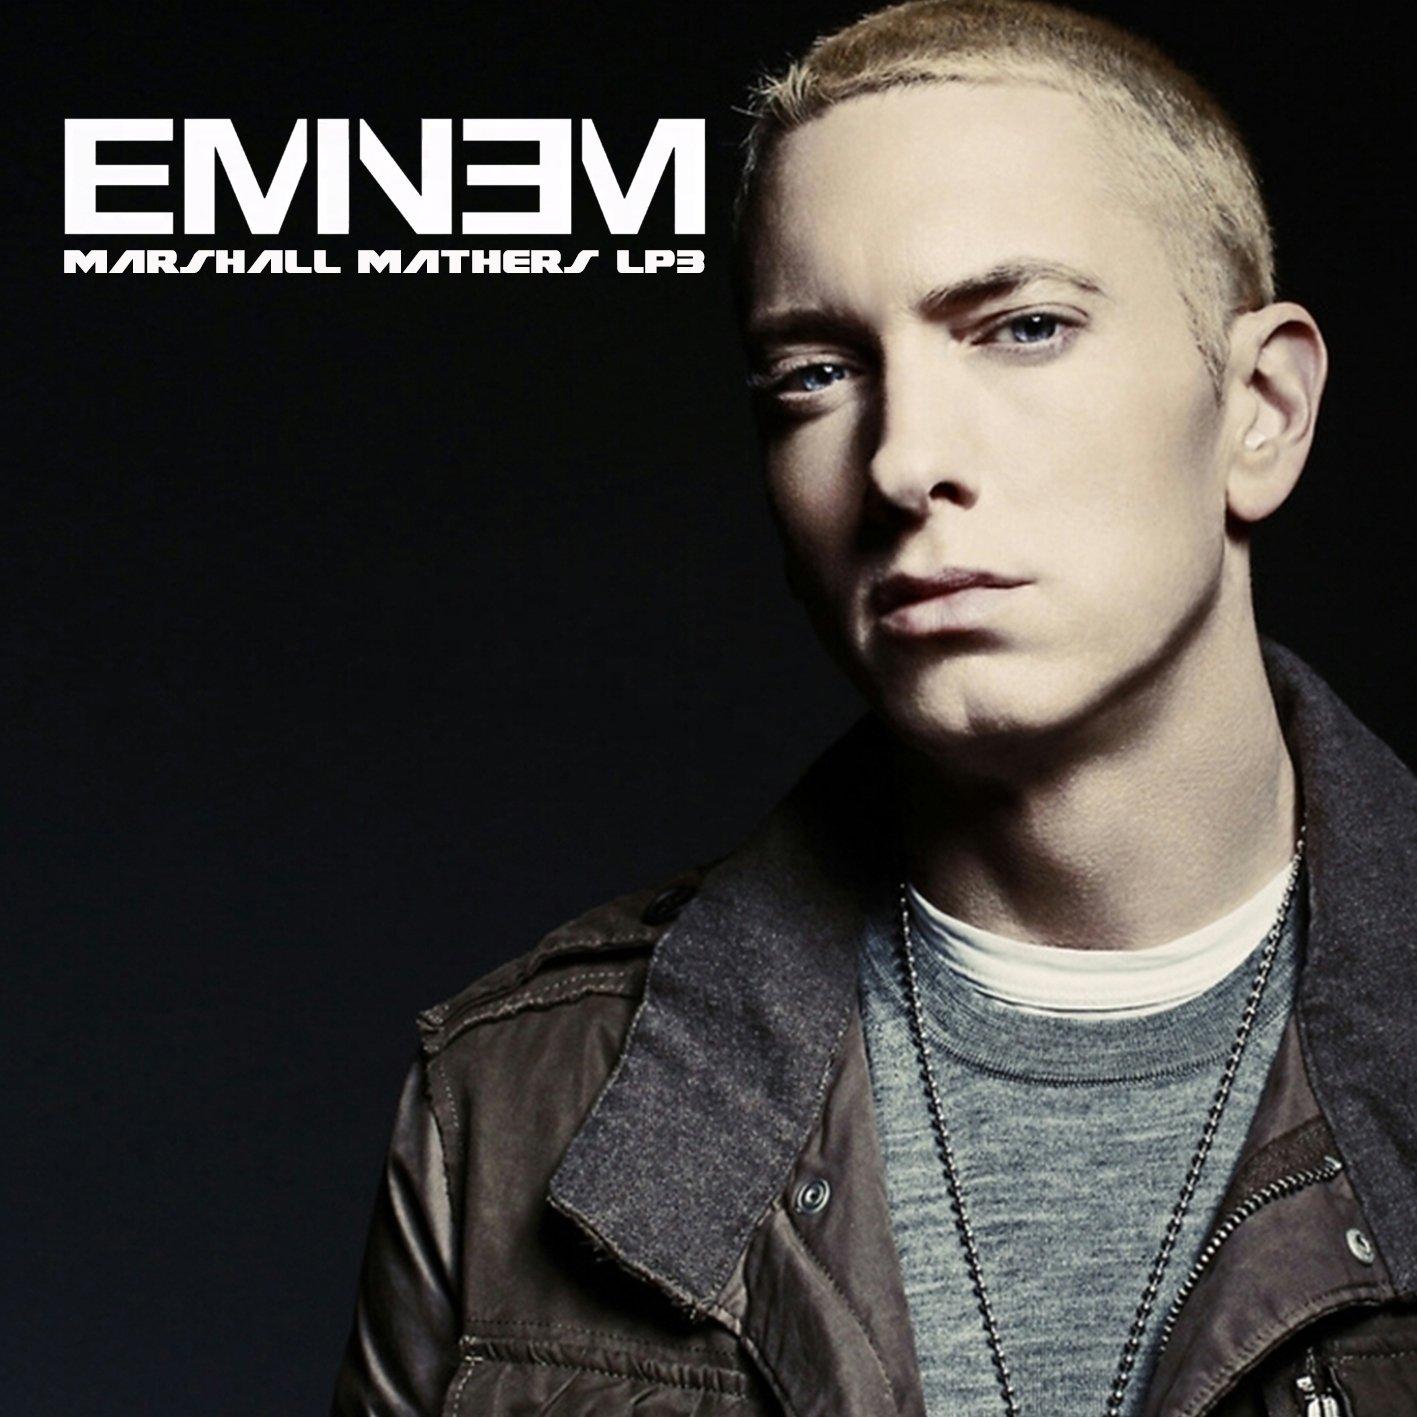 EMINEM - Marshall Mathers Lp3 - Amazon.com Music